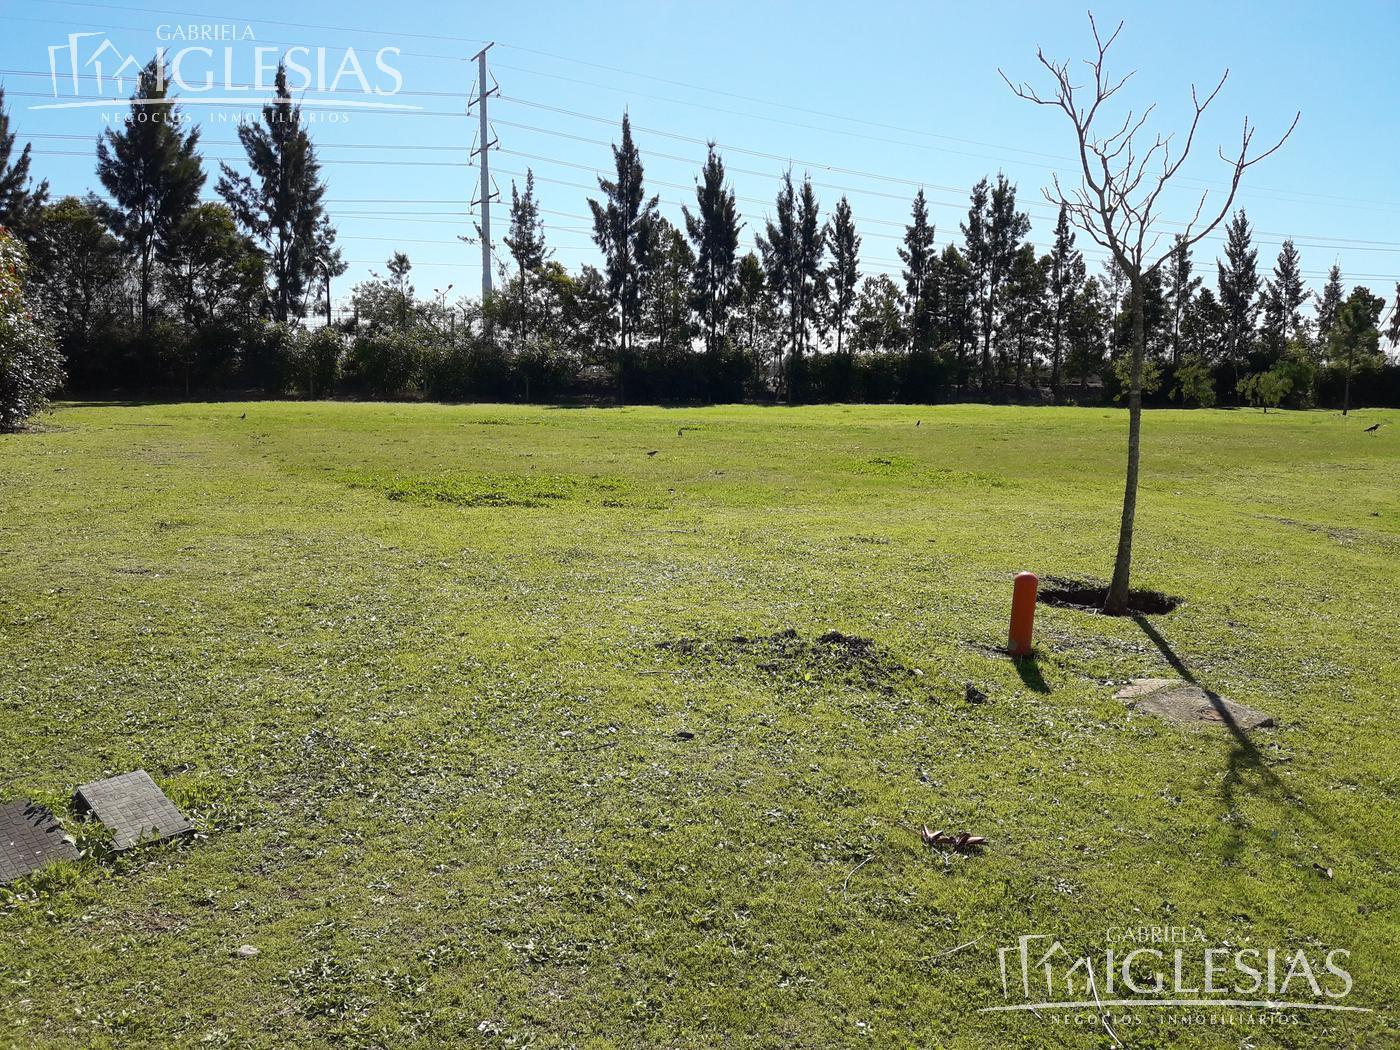 Terreno en Venta en Los Alisos a Venta - u$s 169.000